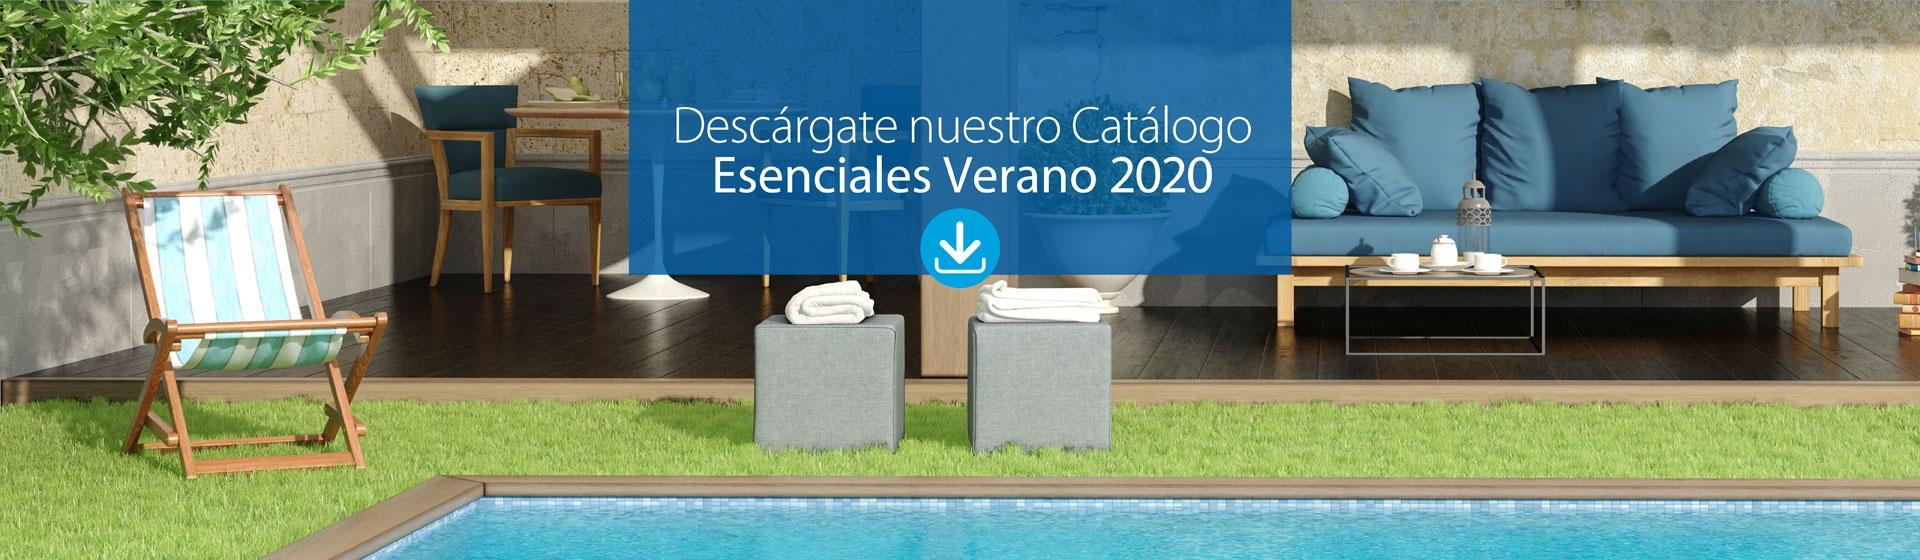 Catálogo Verano 2020 fr